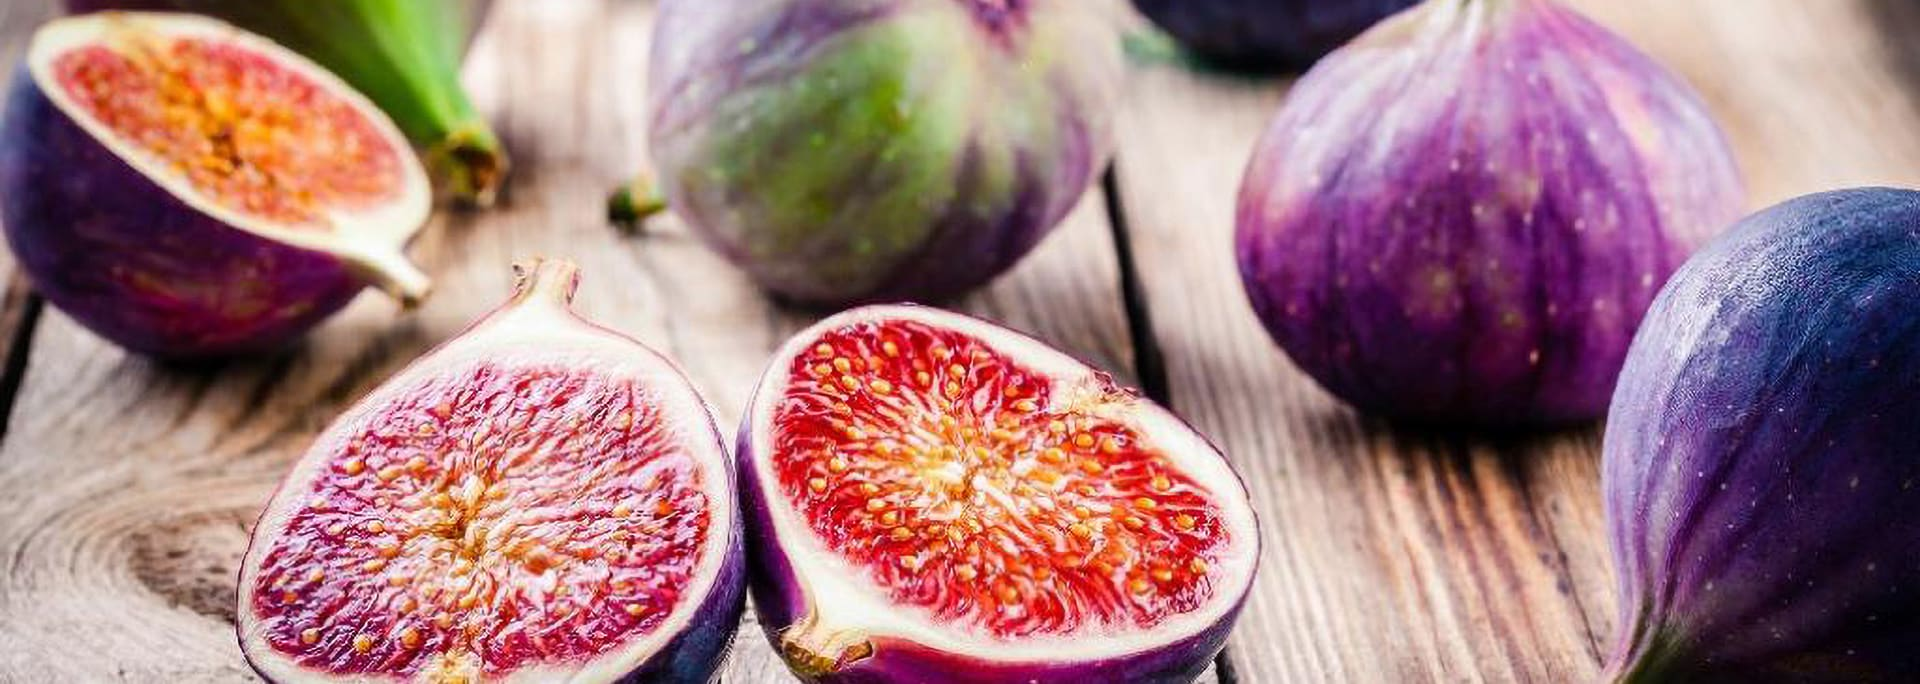 fichi-frutta-di-stagione